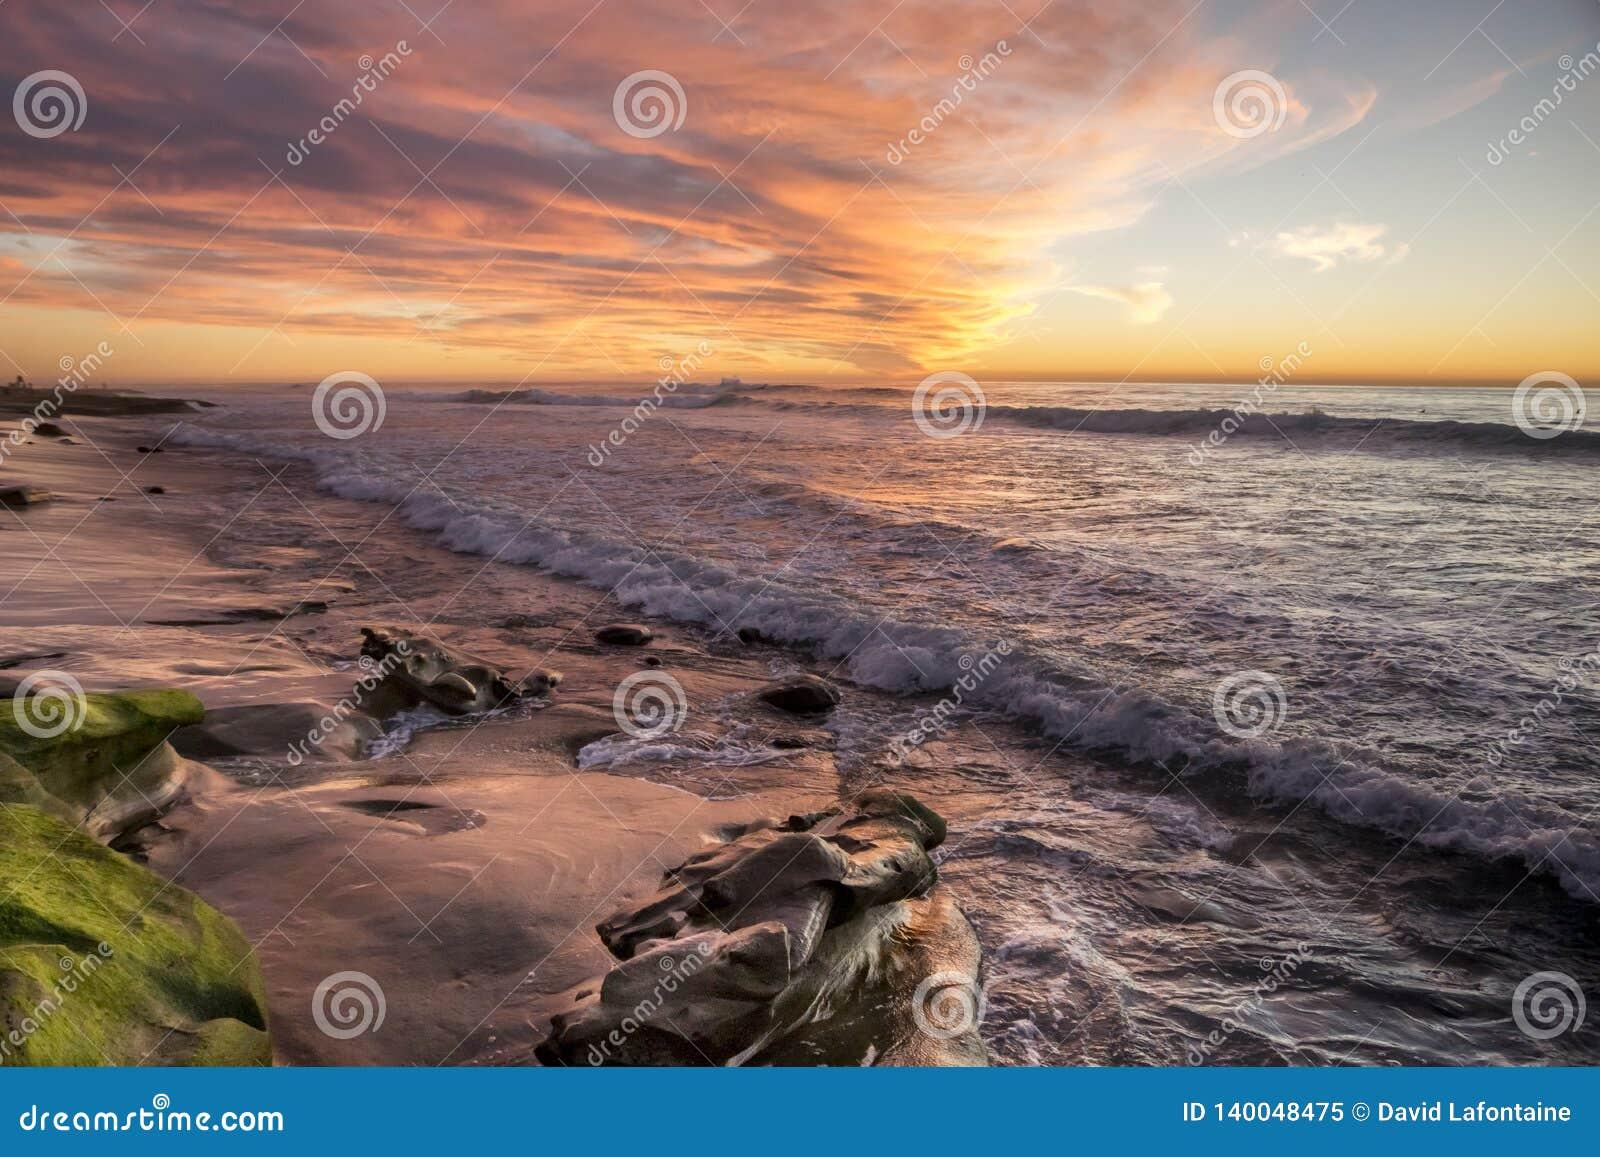 Ηλιοβασίλεμα στη Λα Χόγια